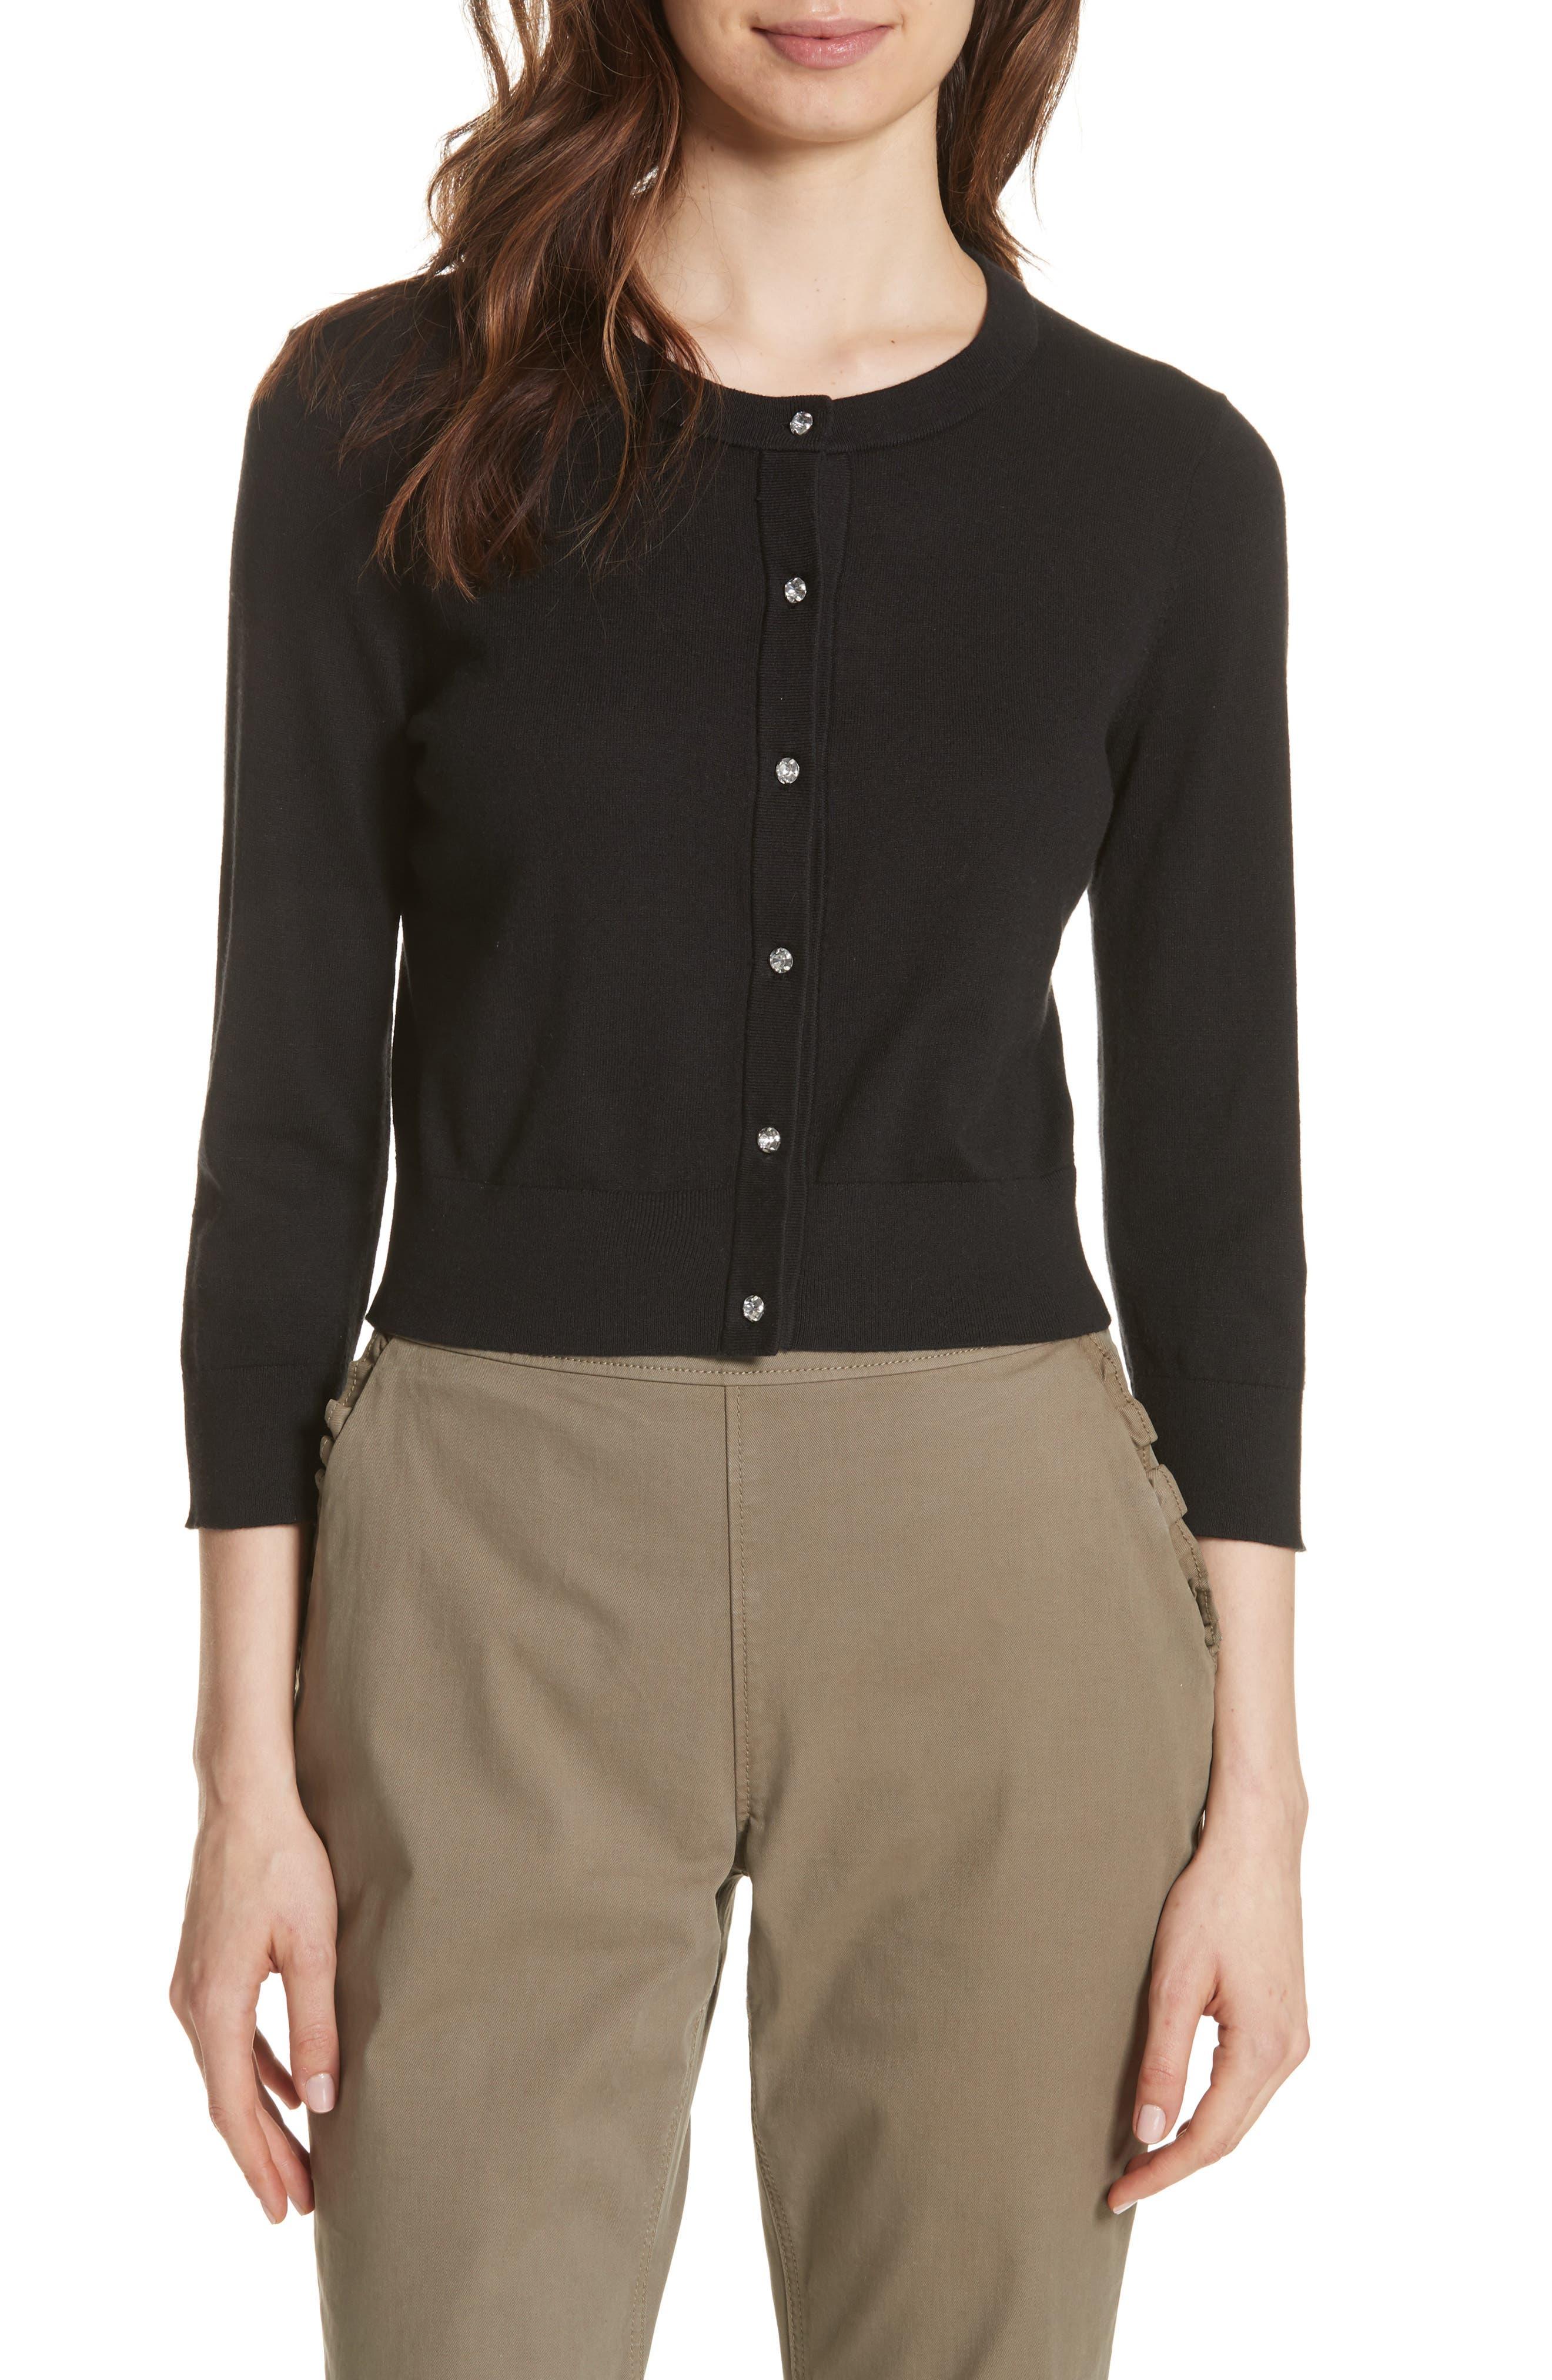 jewel button crop cardigan,                             Main thumbnail 1, color,                             BLACK